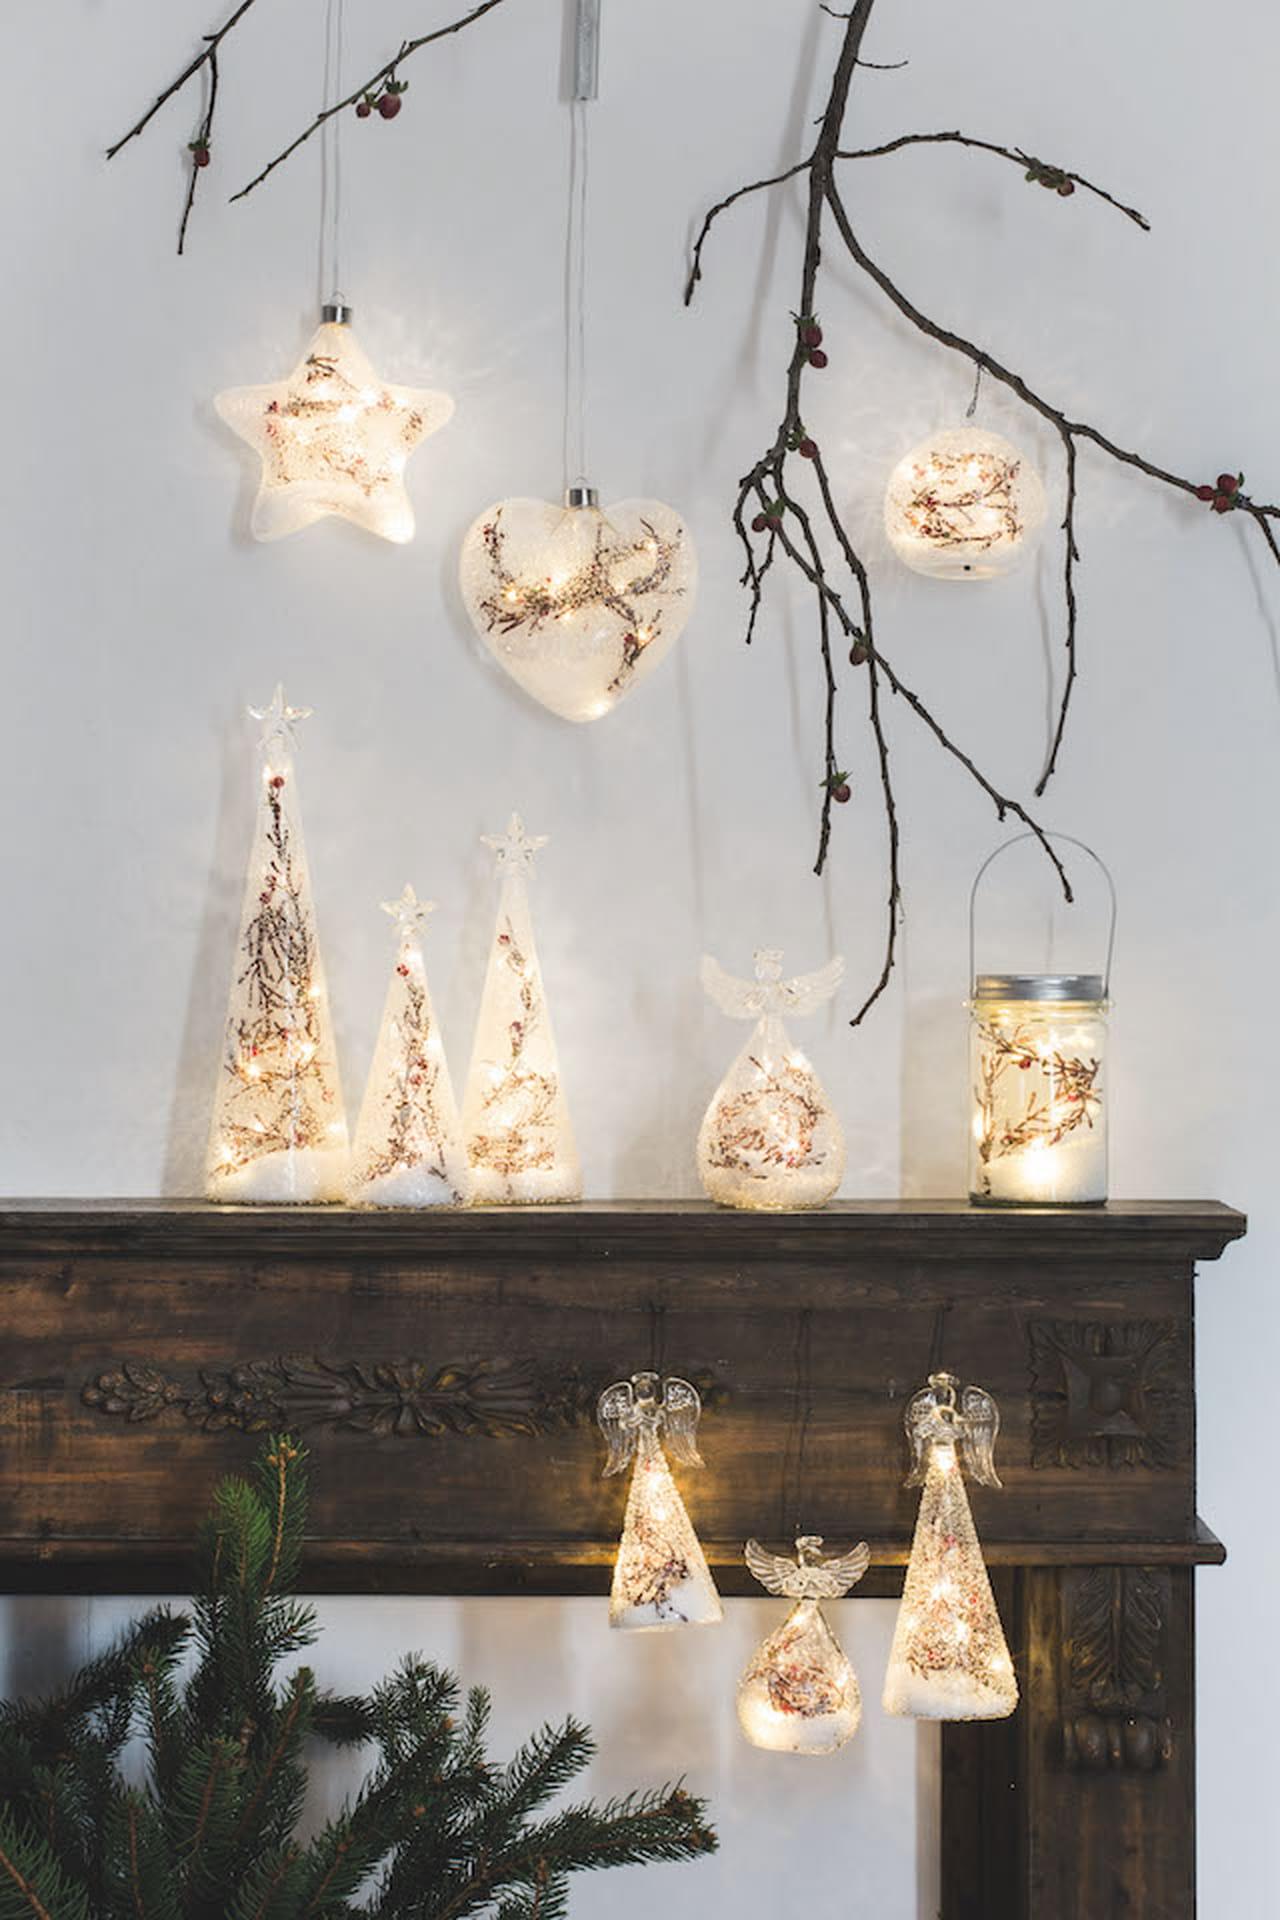 Decorazioni natalizie addobbi per la casa e la tavola - Decorazioni per casa ...